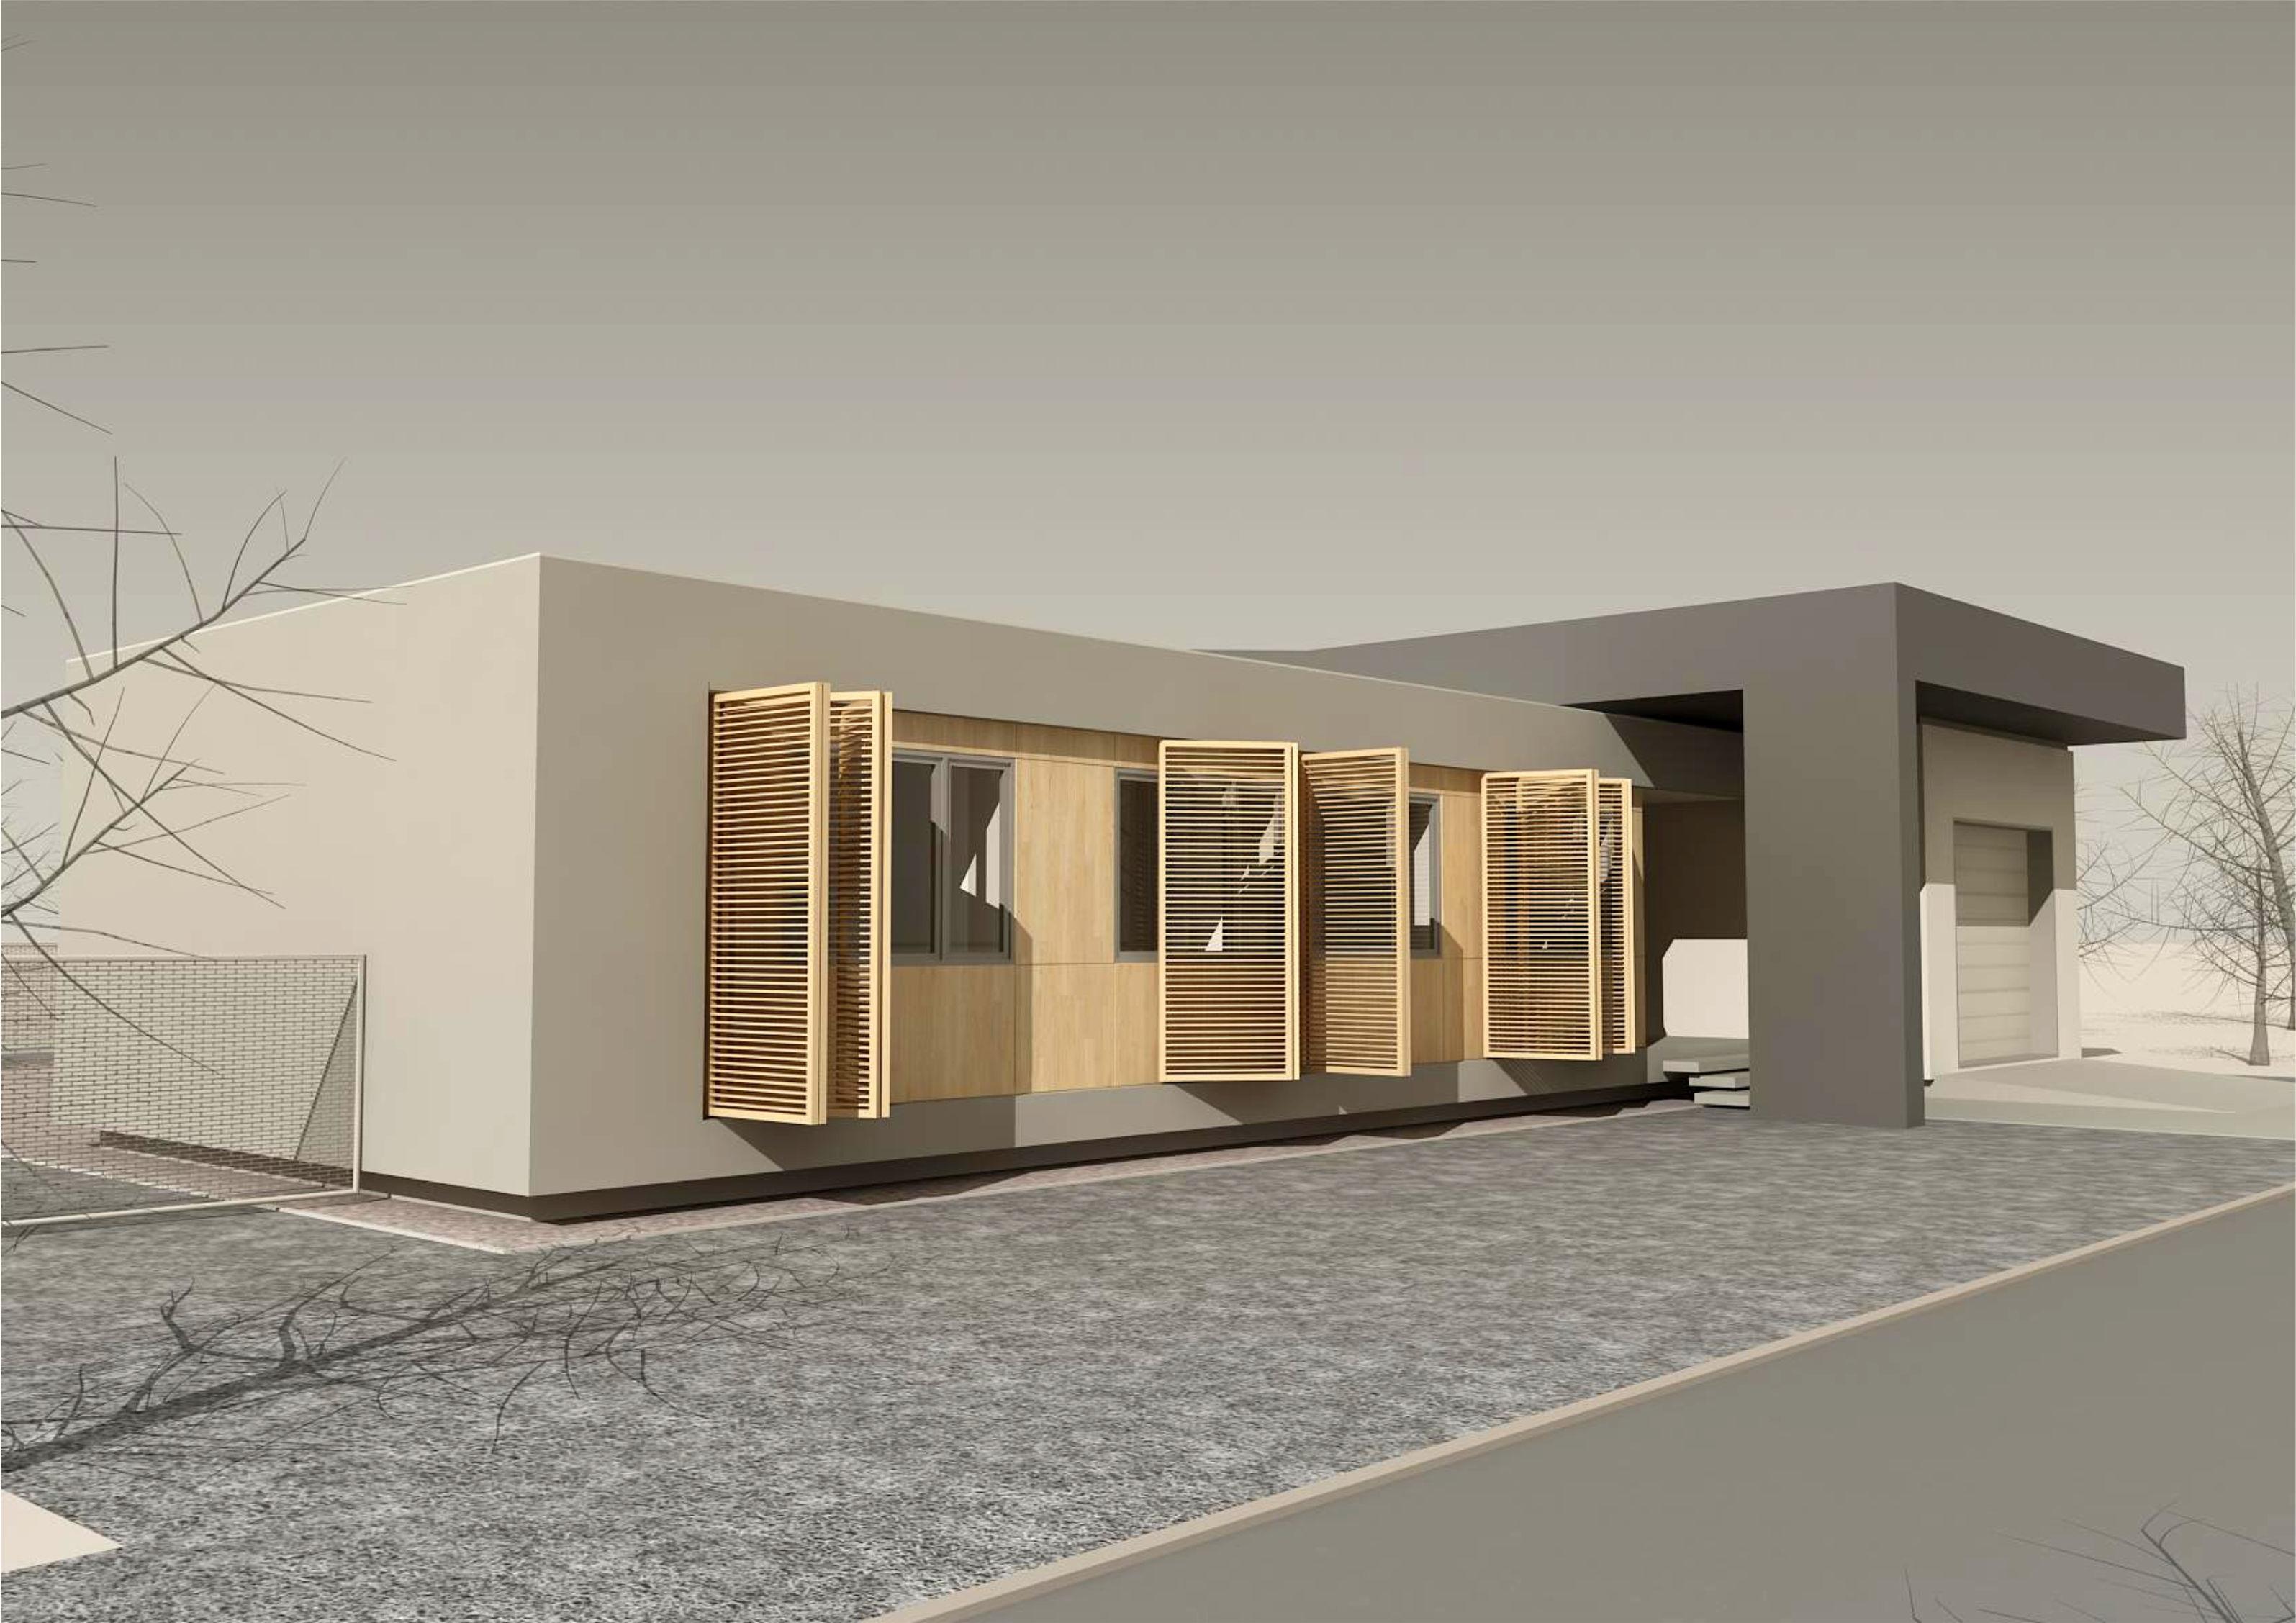 Projekt stavby rodinného domu VII 04